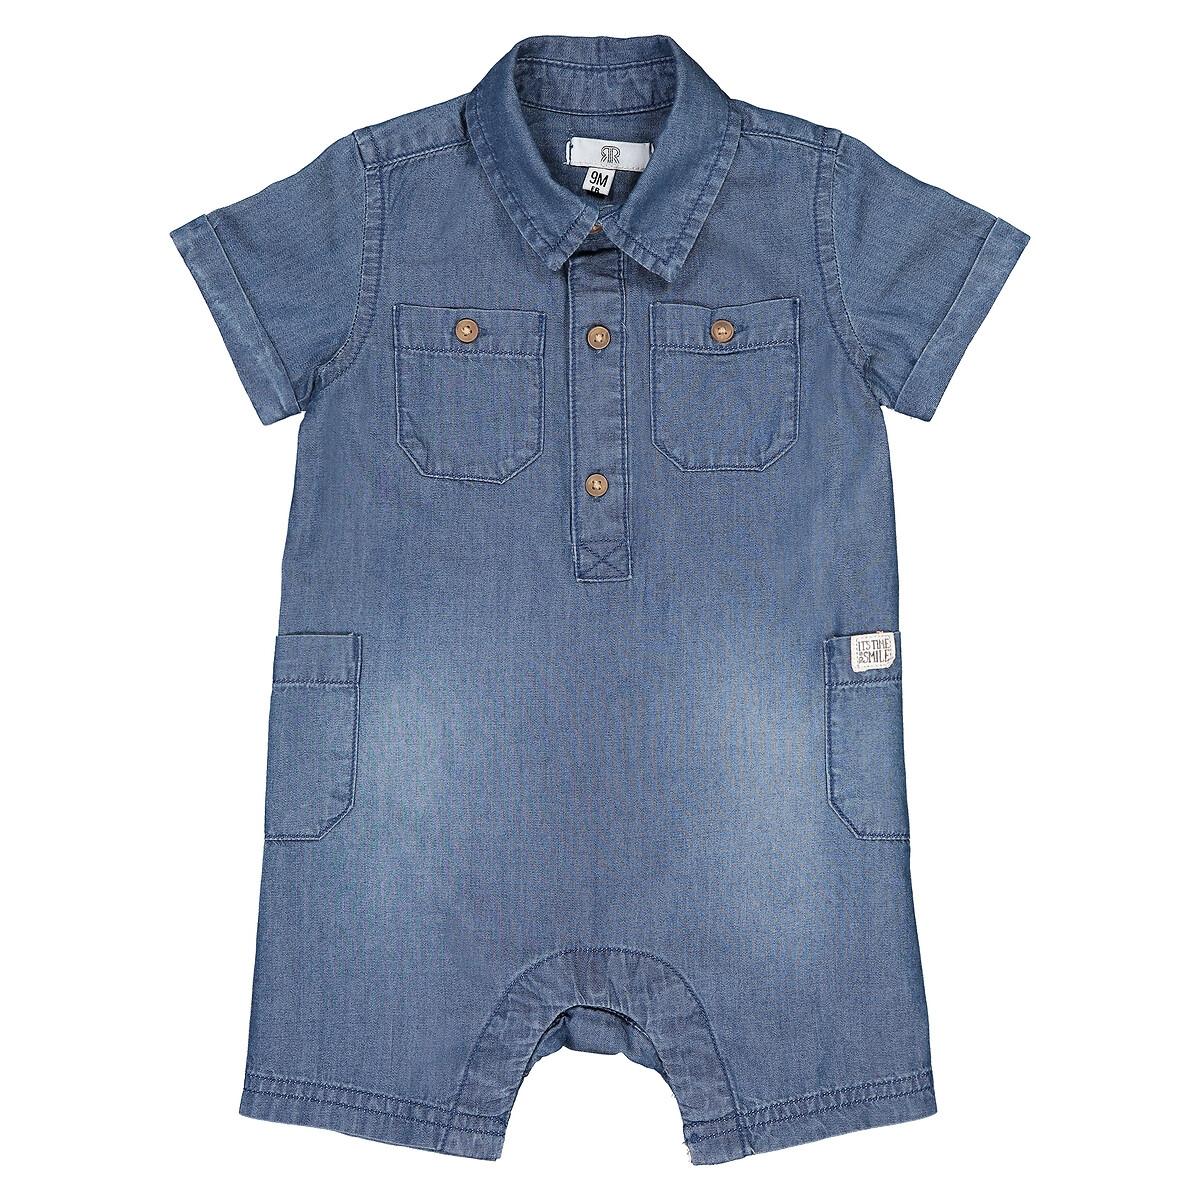 Шорты La Redoute Джинсовые мес 3 года - 94 см синий шорты la redoute джинсовые мес 18 мес 81 см синий